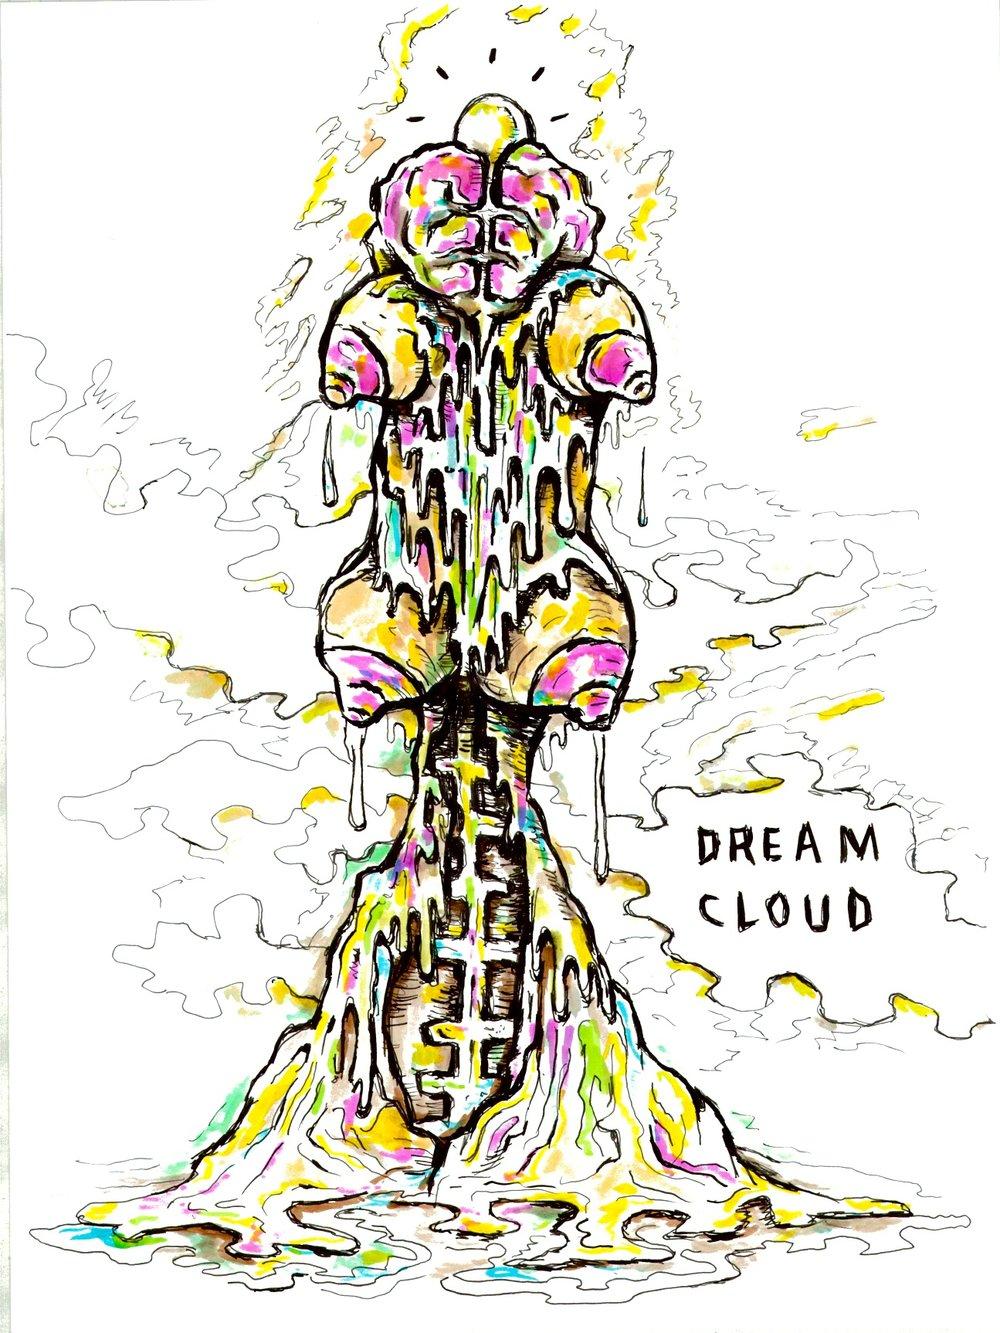 Dream-Cloud-9x12-Ink-on-Paper-$150-001.jpg